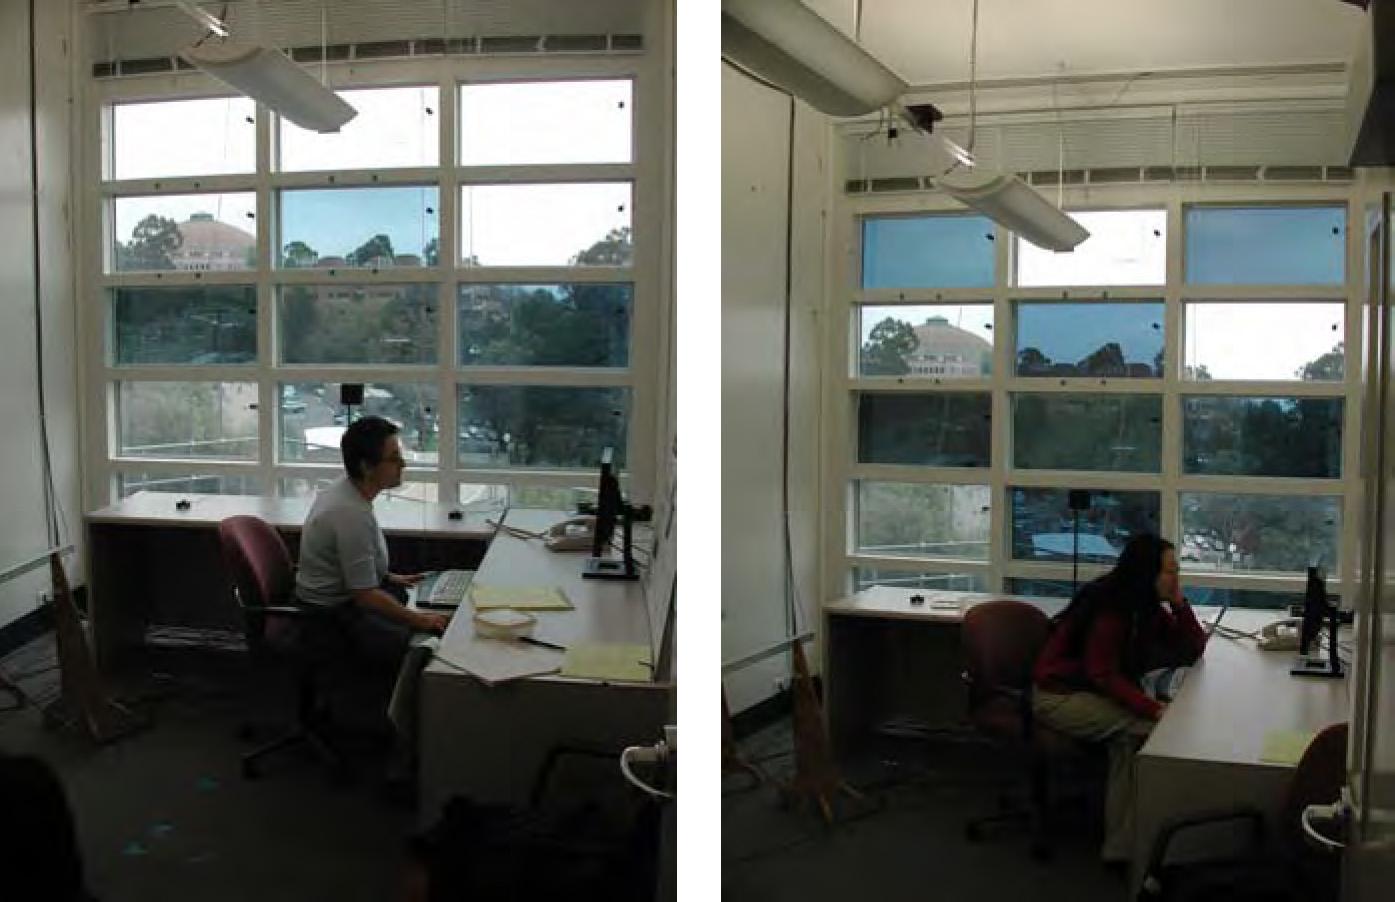 深色部分為通電變色的窗戶,也可以隨著喜好或隱私需求,切換變色的區塊。資料來源│顏宏儒